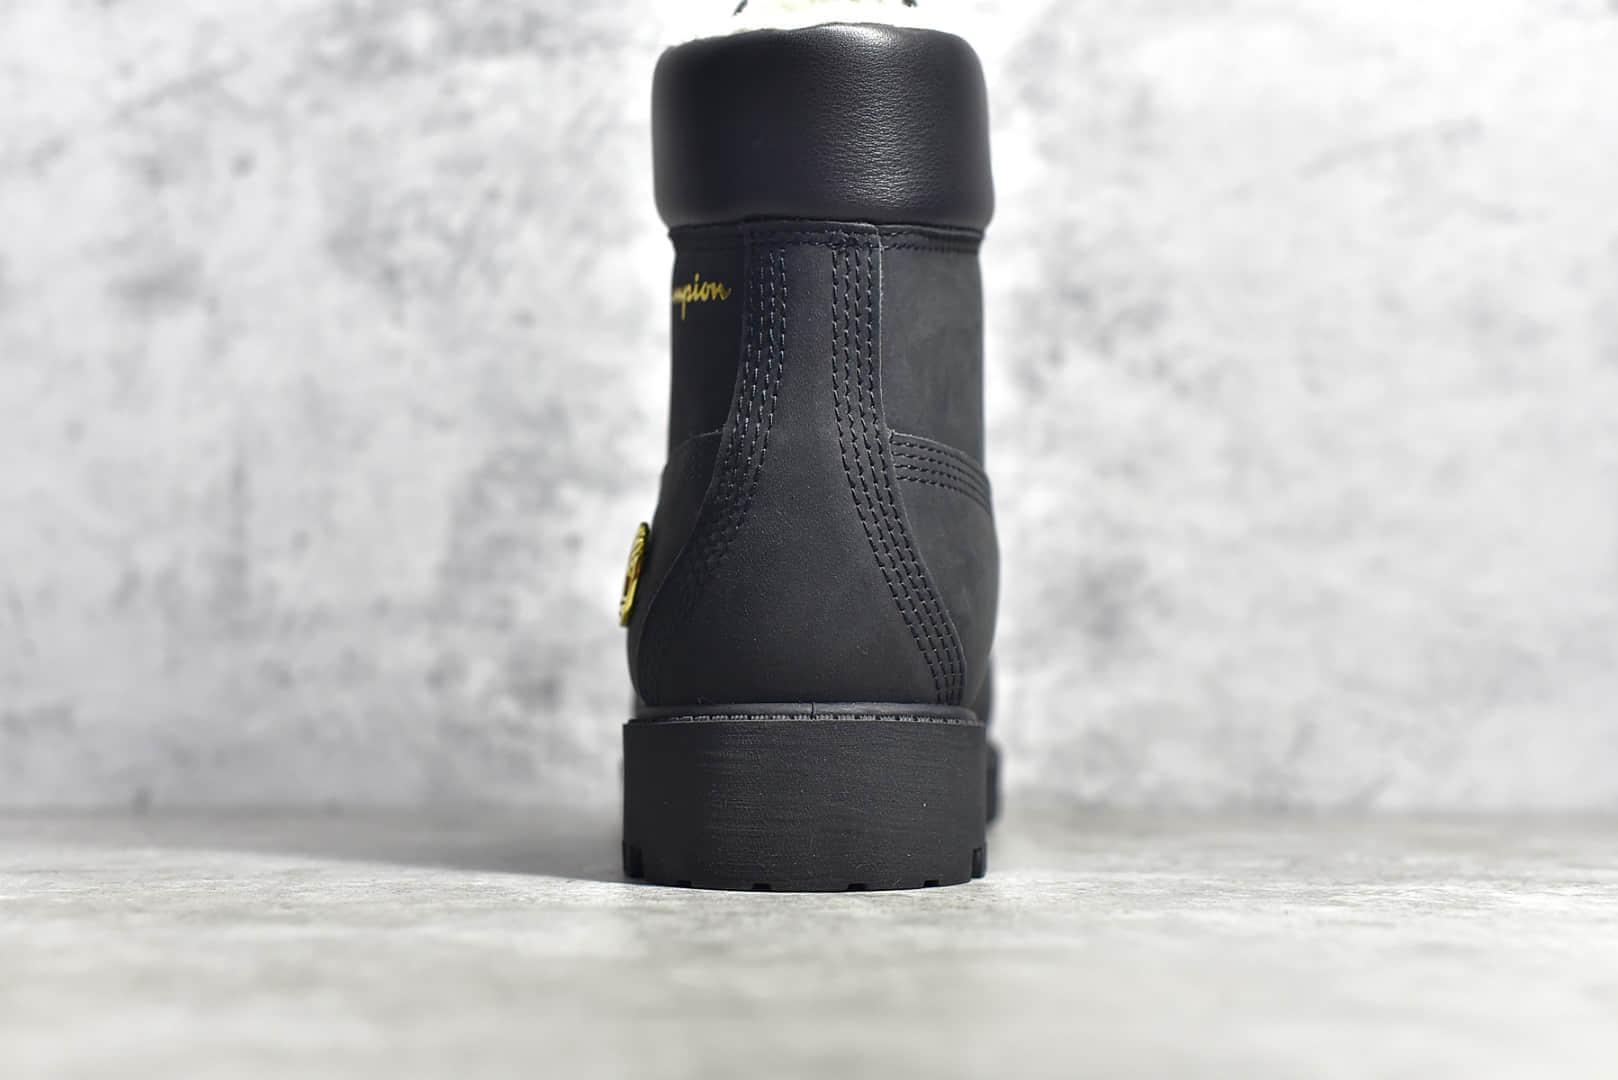 天伯伦卫冕冠军联名款 Timberland x Champion Premium 6Inch Boot 天伯伦加绒黑色高帮马丁靴-潮流者之家